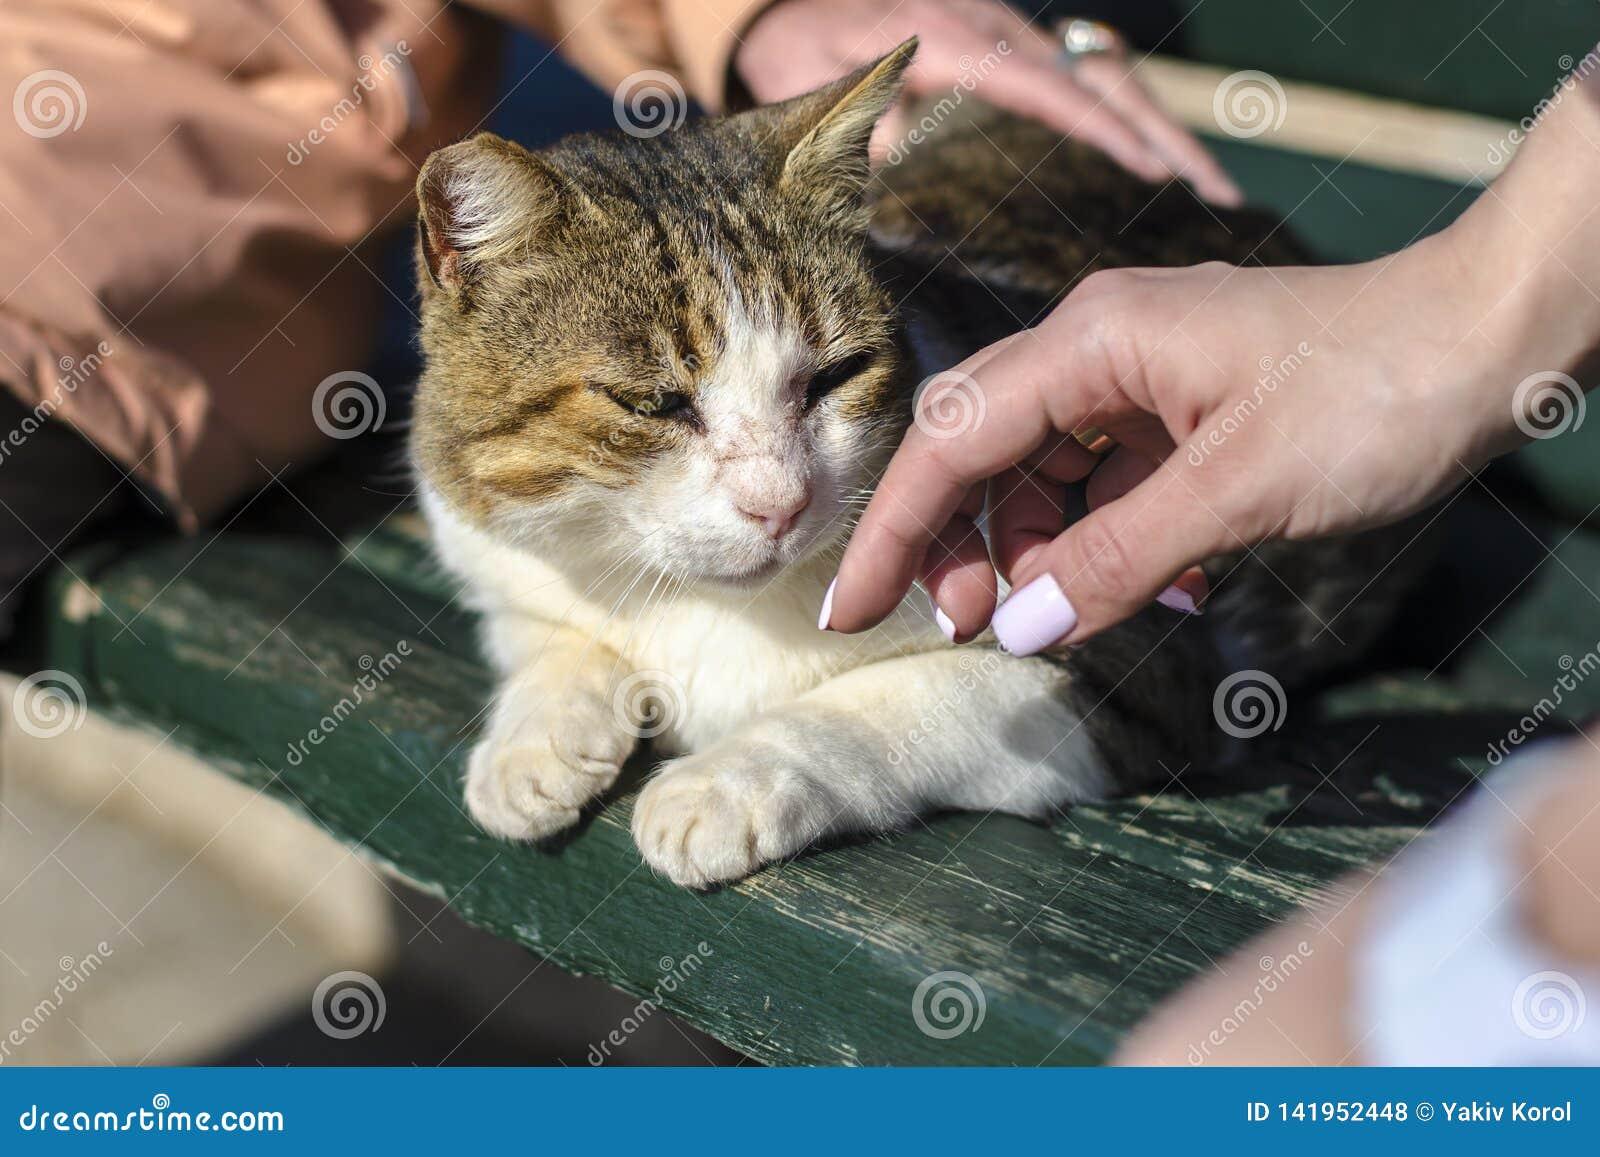 Een geel-witte verdwaalde kat zit op een bank en een bejaarde en een jong meisje met een mooie manicureslag haar